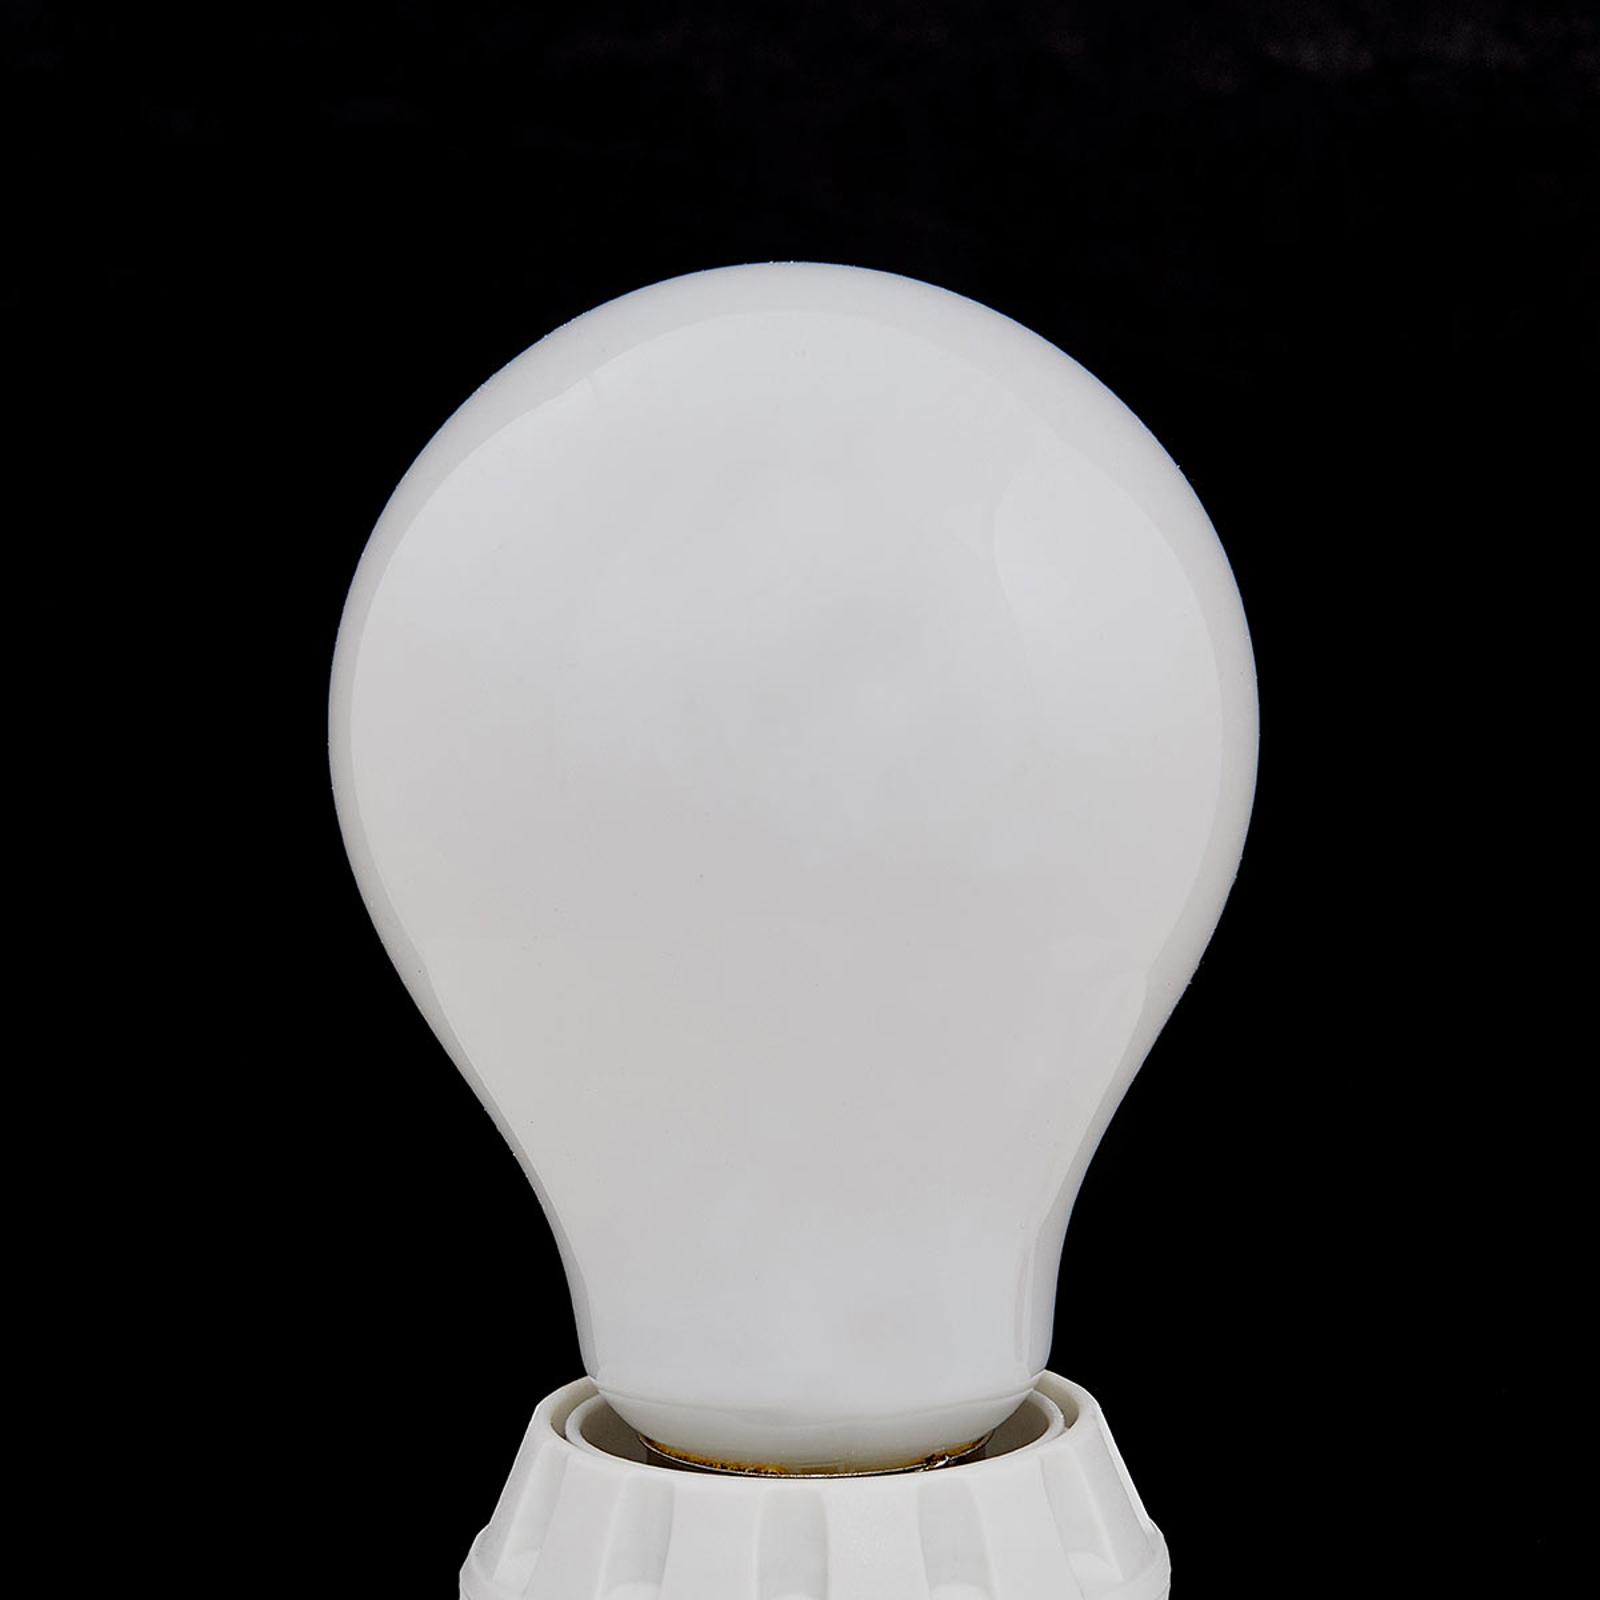 E27 LED žárovka 8W 1 055 lm, 2700K opál